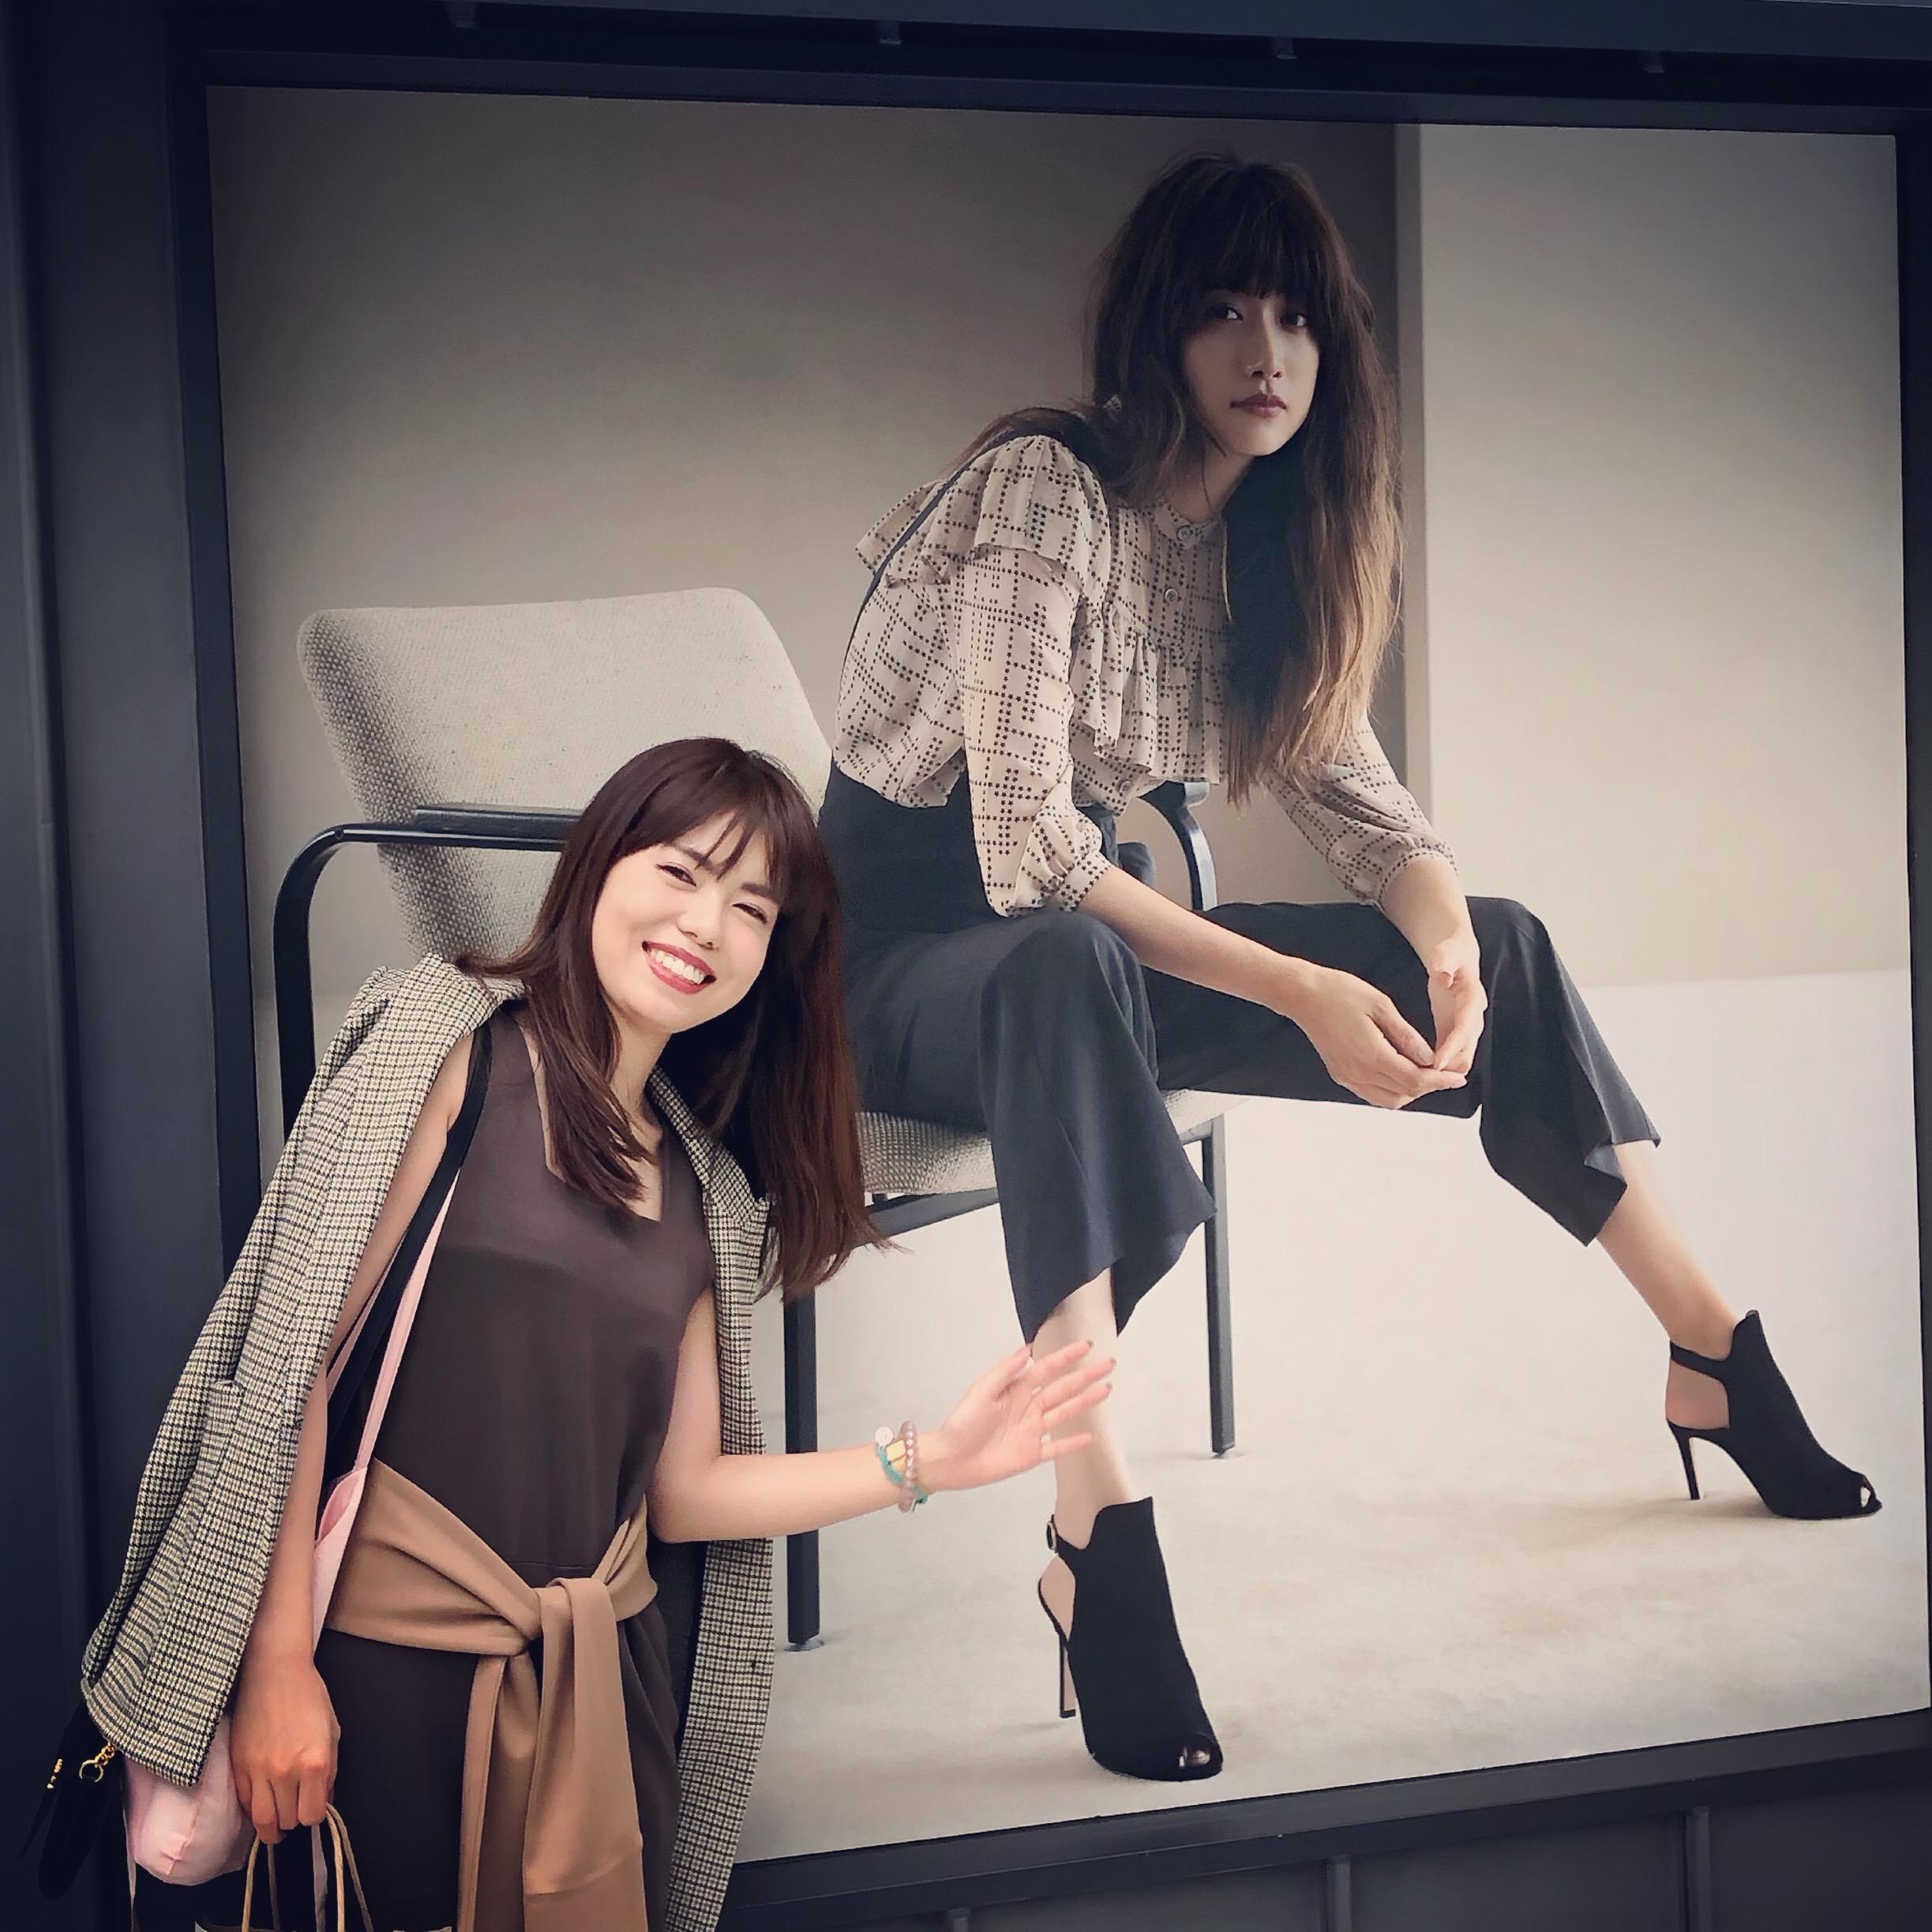 憧れのモデル*ヨンアちゃんディレクションブランド COEL 2019A/W レセプションイベントへ行ってきました♡_6